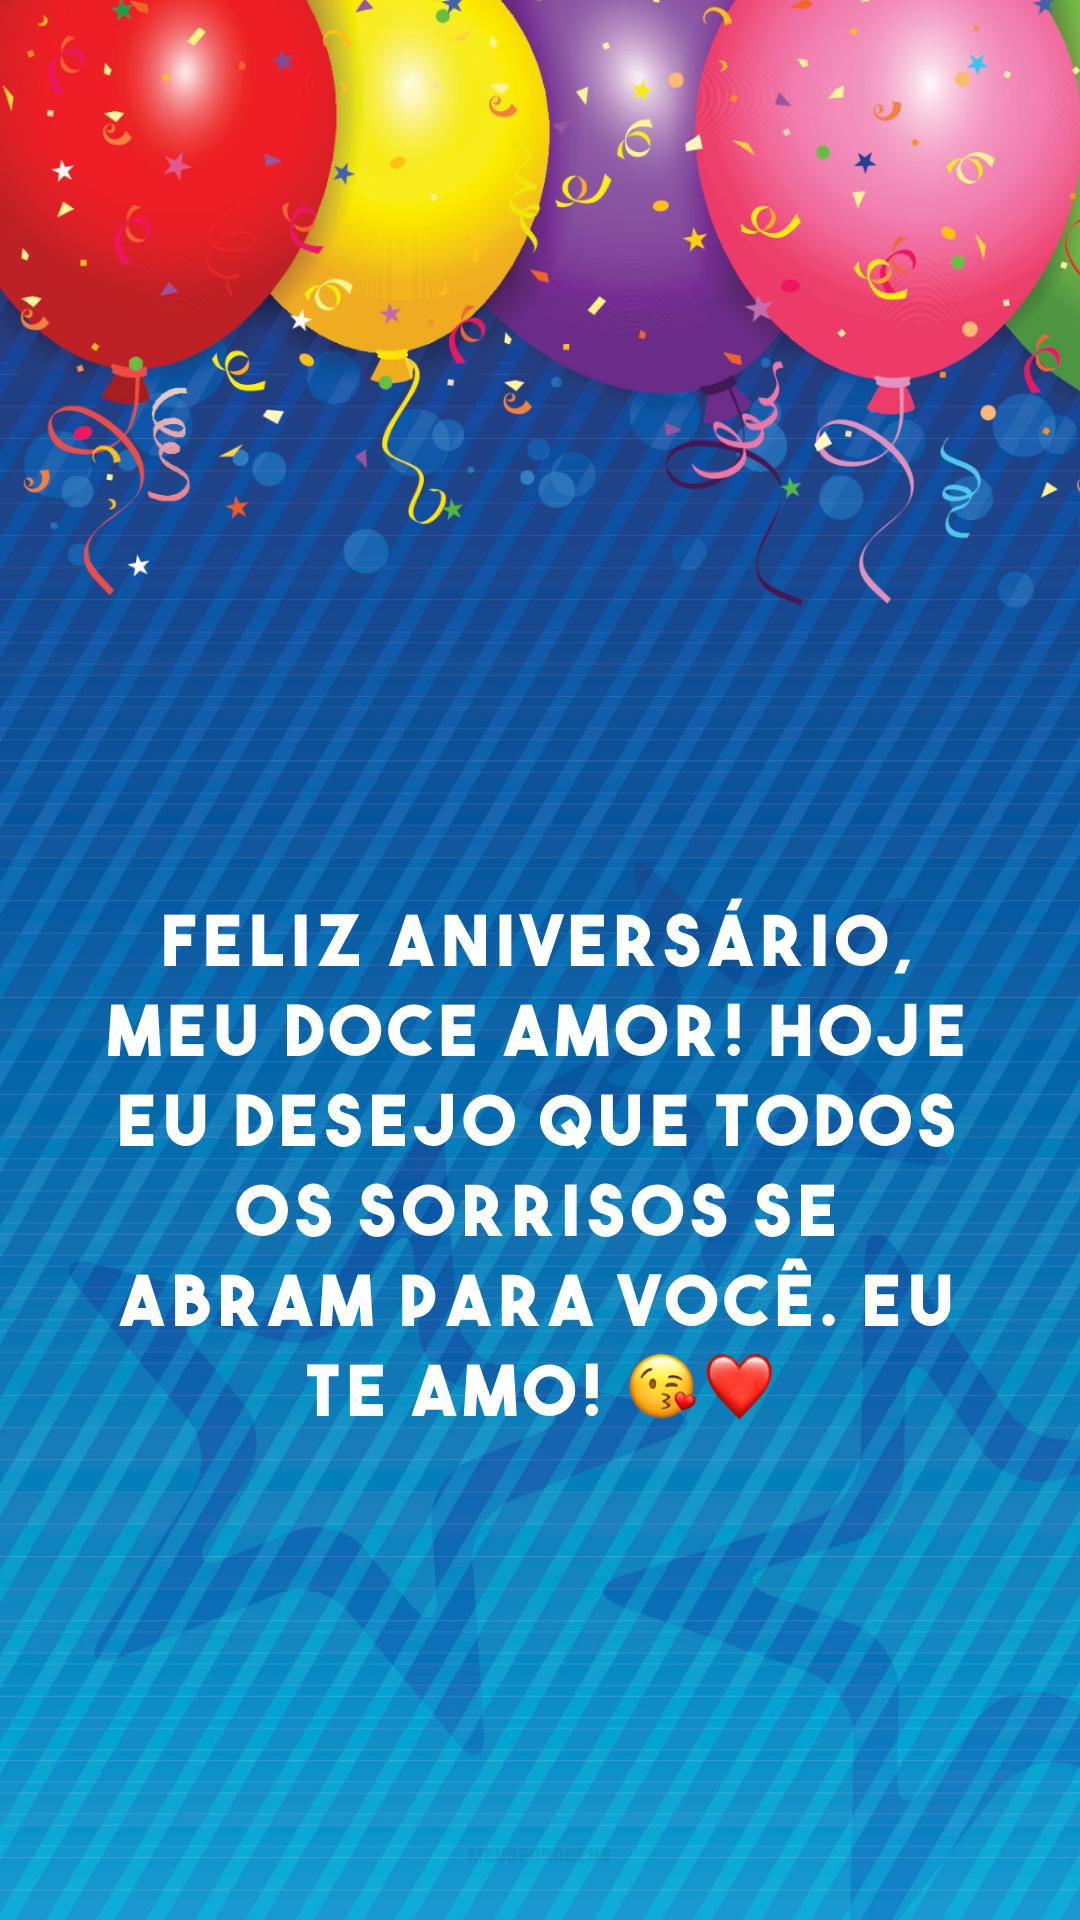 Feliz aniversário, meu doce amor! Hoje eu desejo que todos os sorrisos se abram para você. Eu te amo! 😘❤